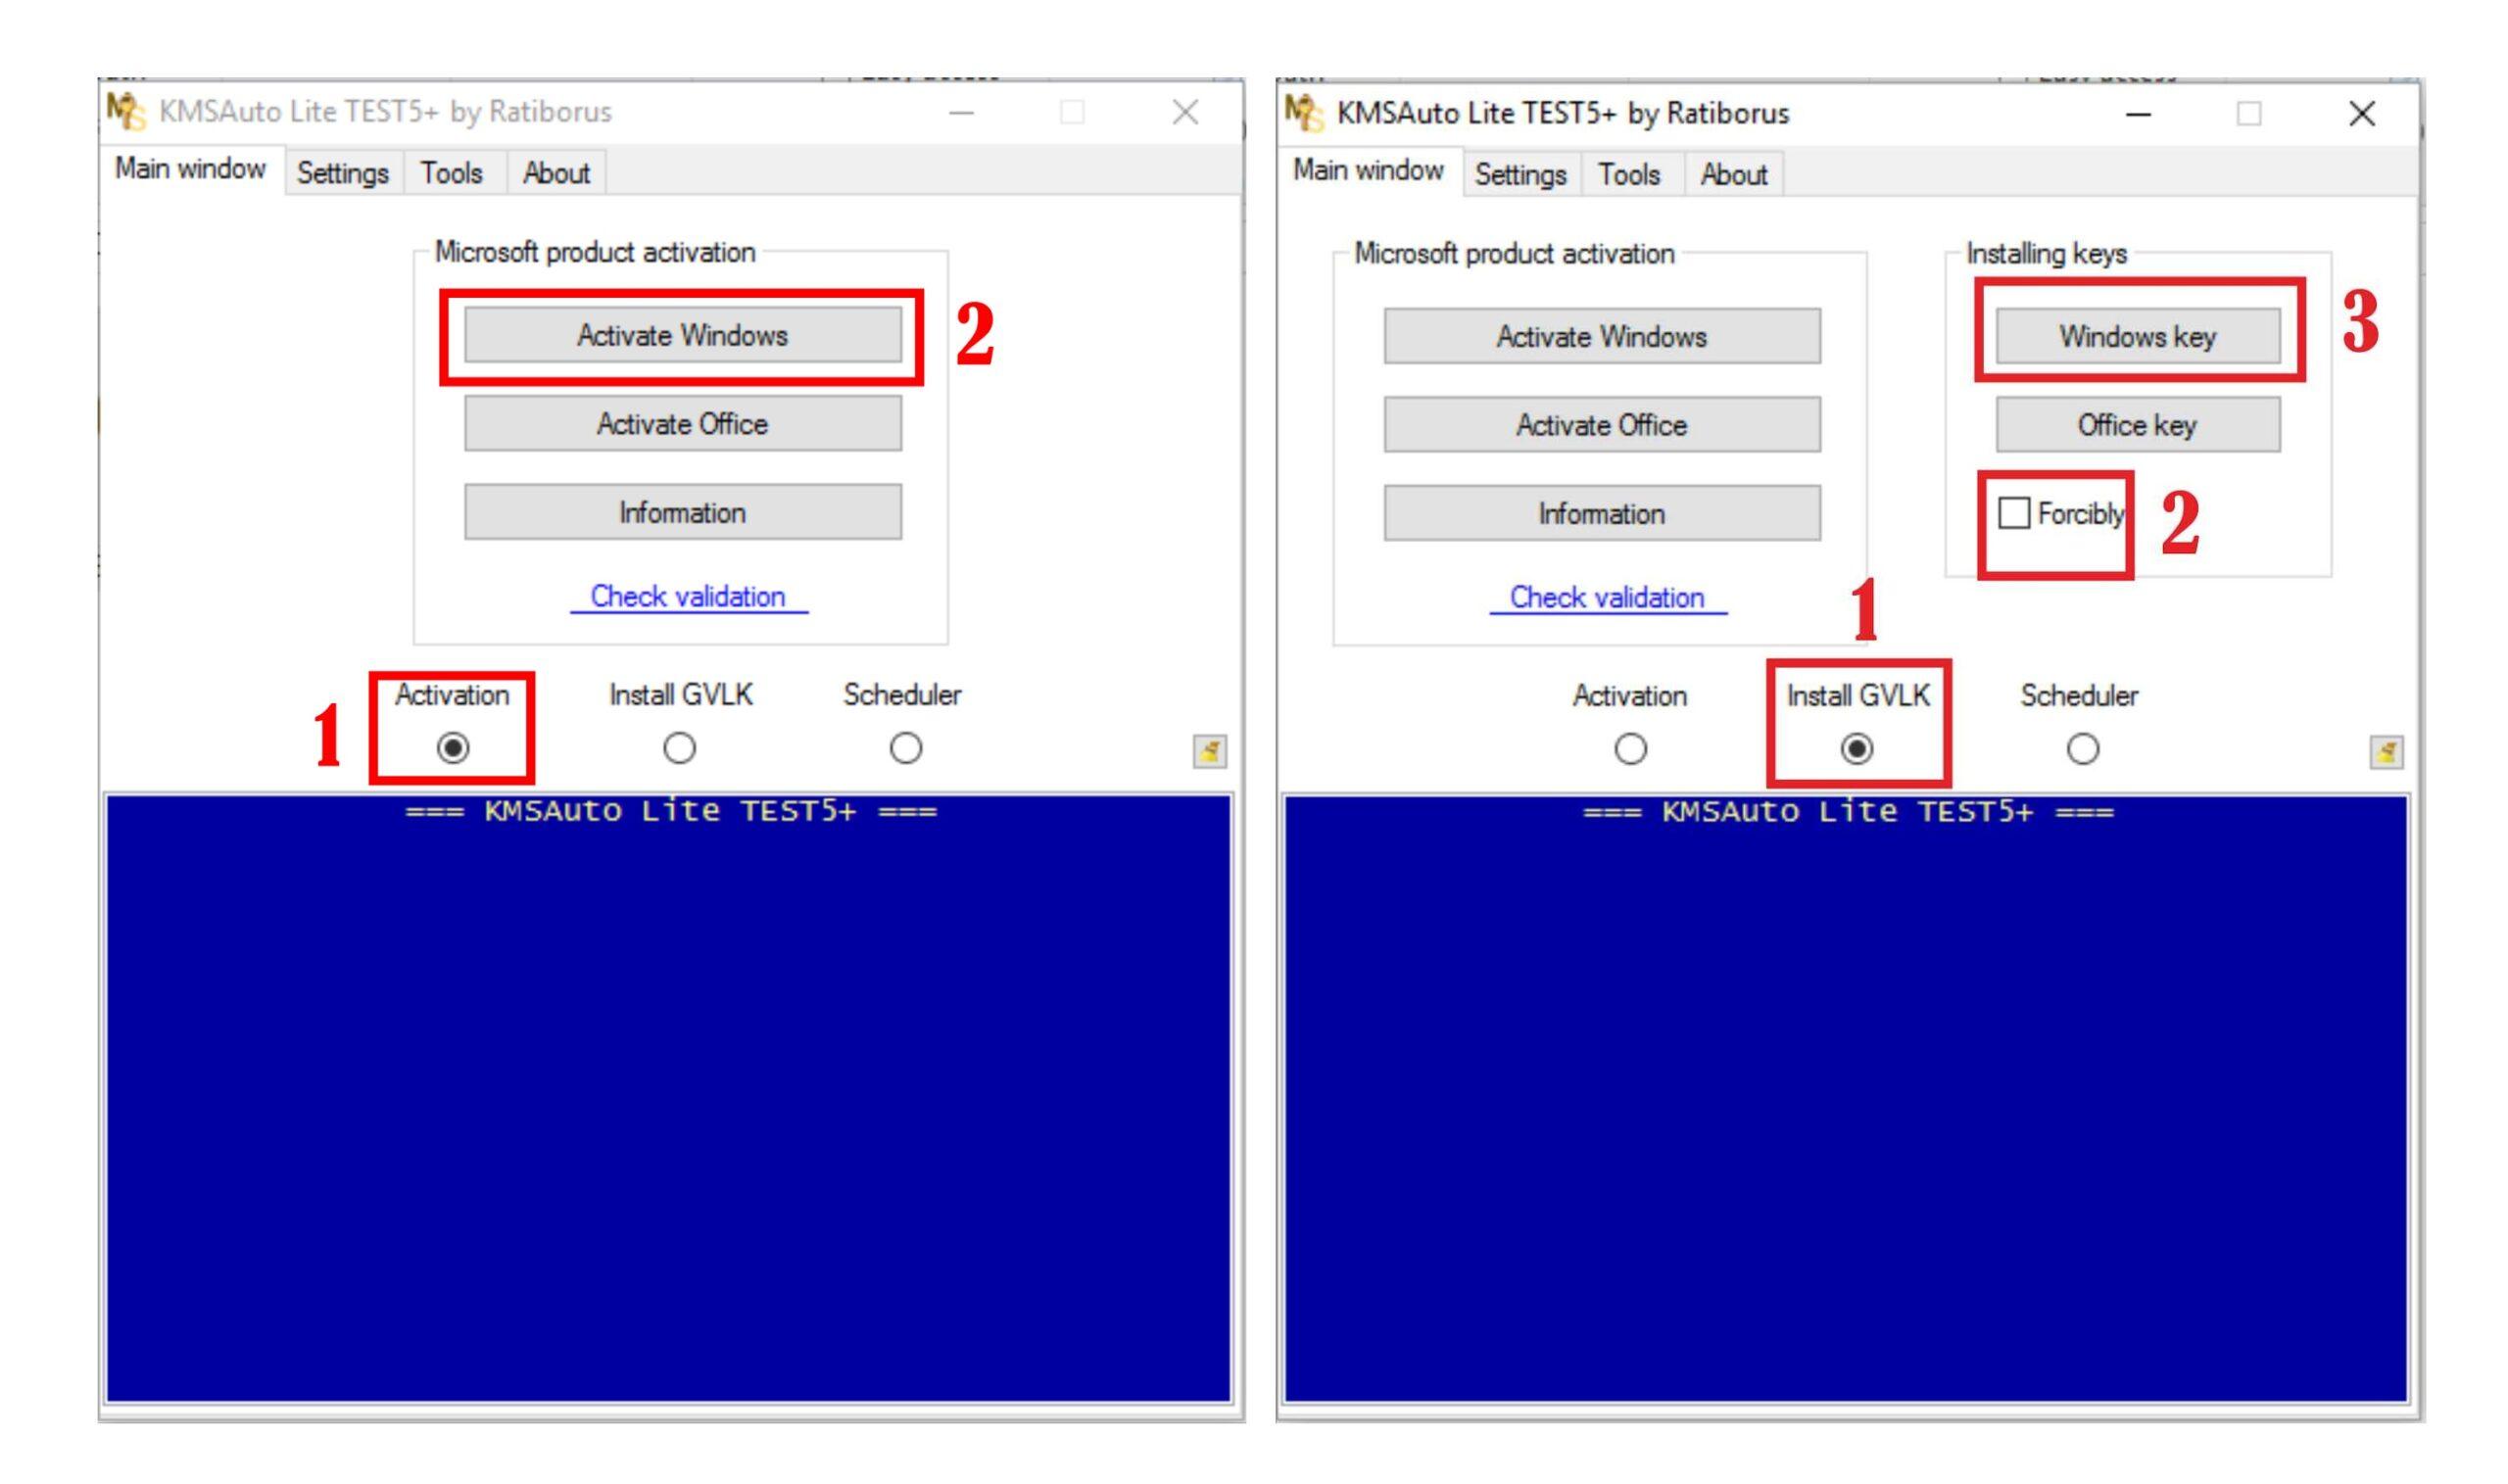 Setelah-aplikasi-terbuka-Hal-pertama-yang-harus-anda-lakukan-adalah-melakukan-klik-pada-install-GVLK